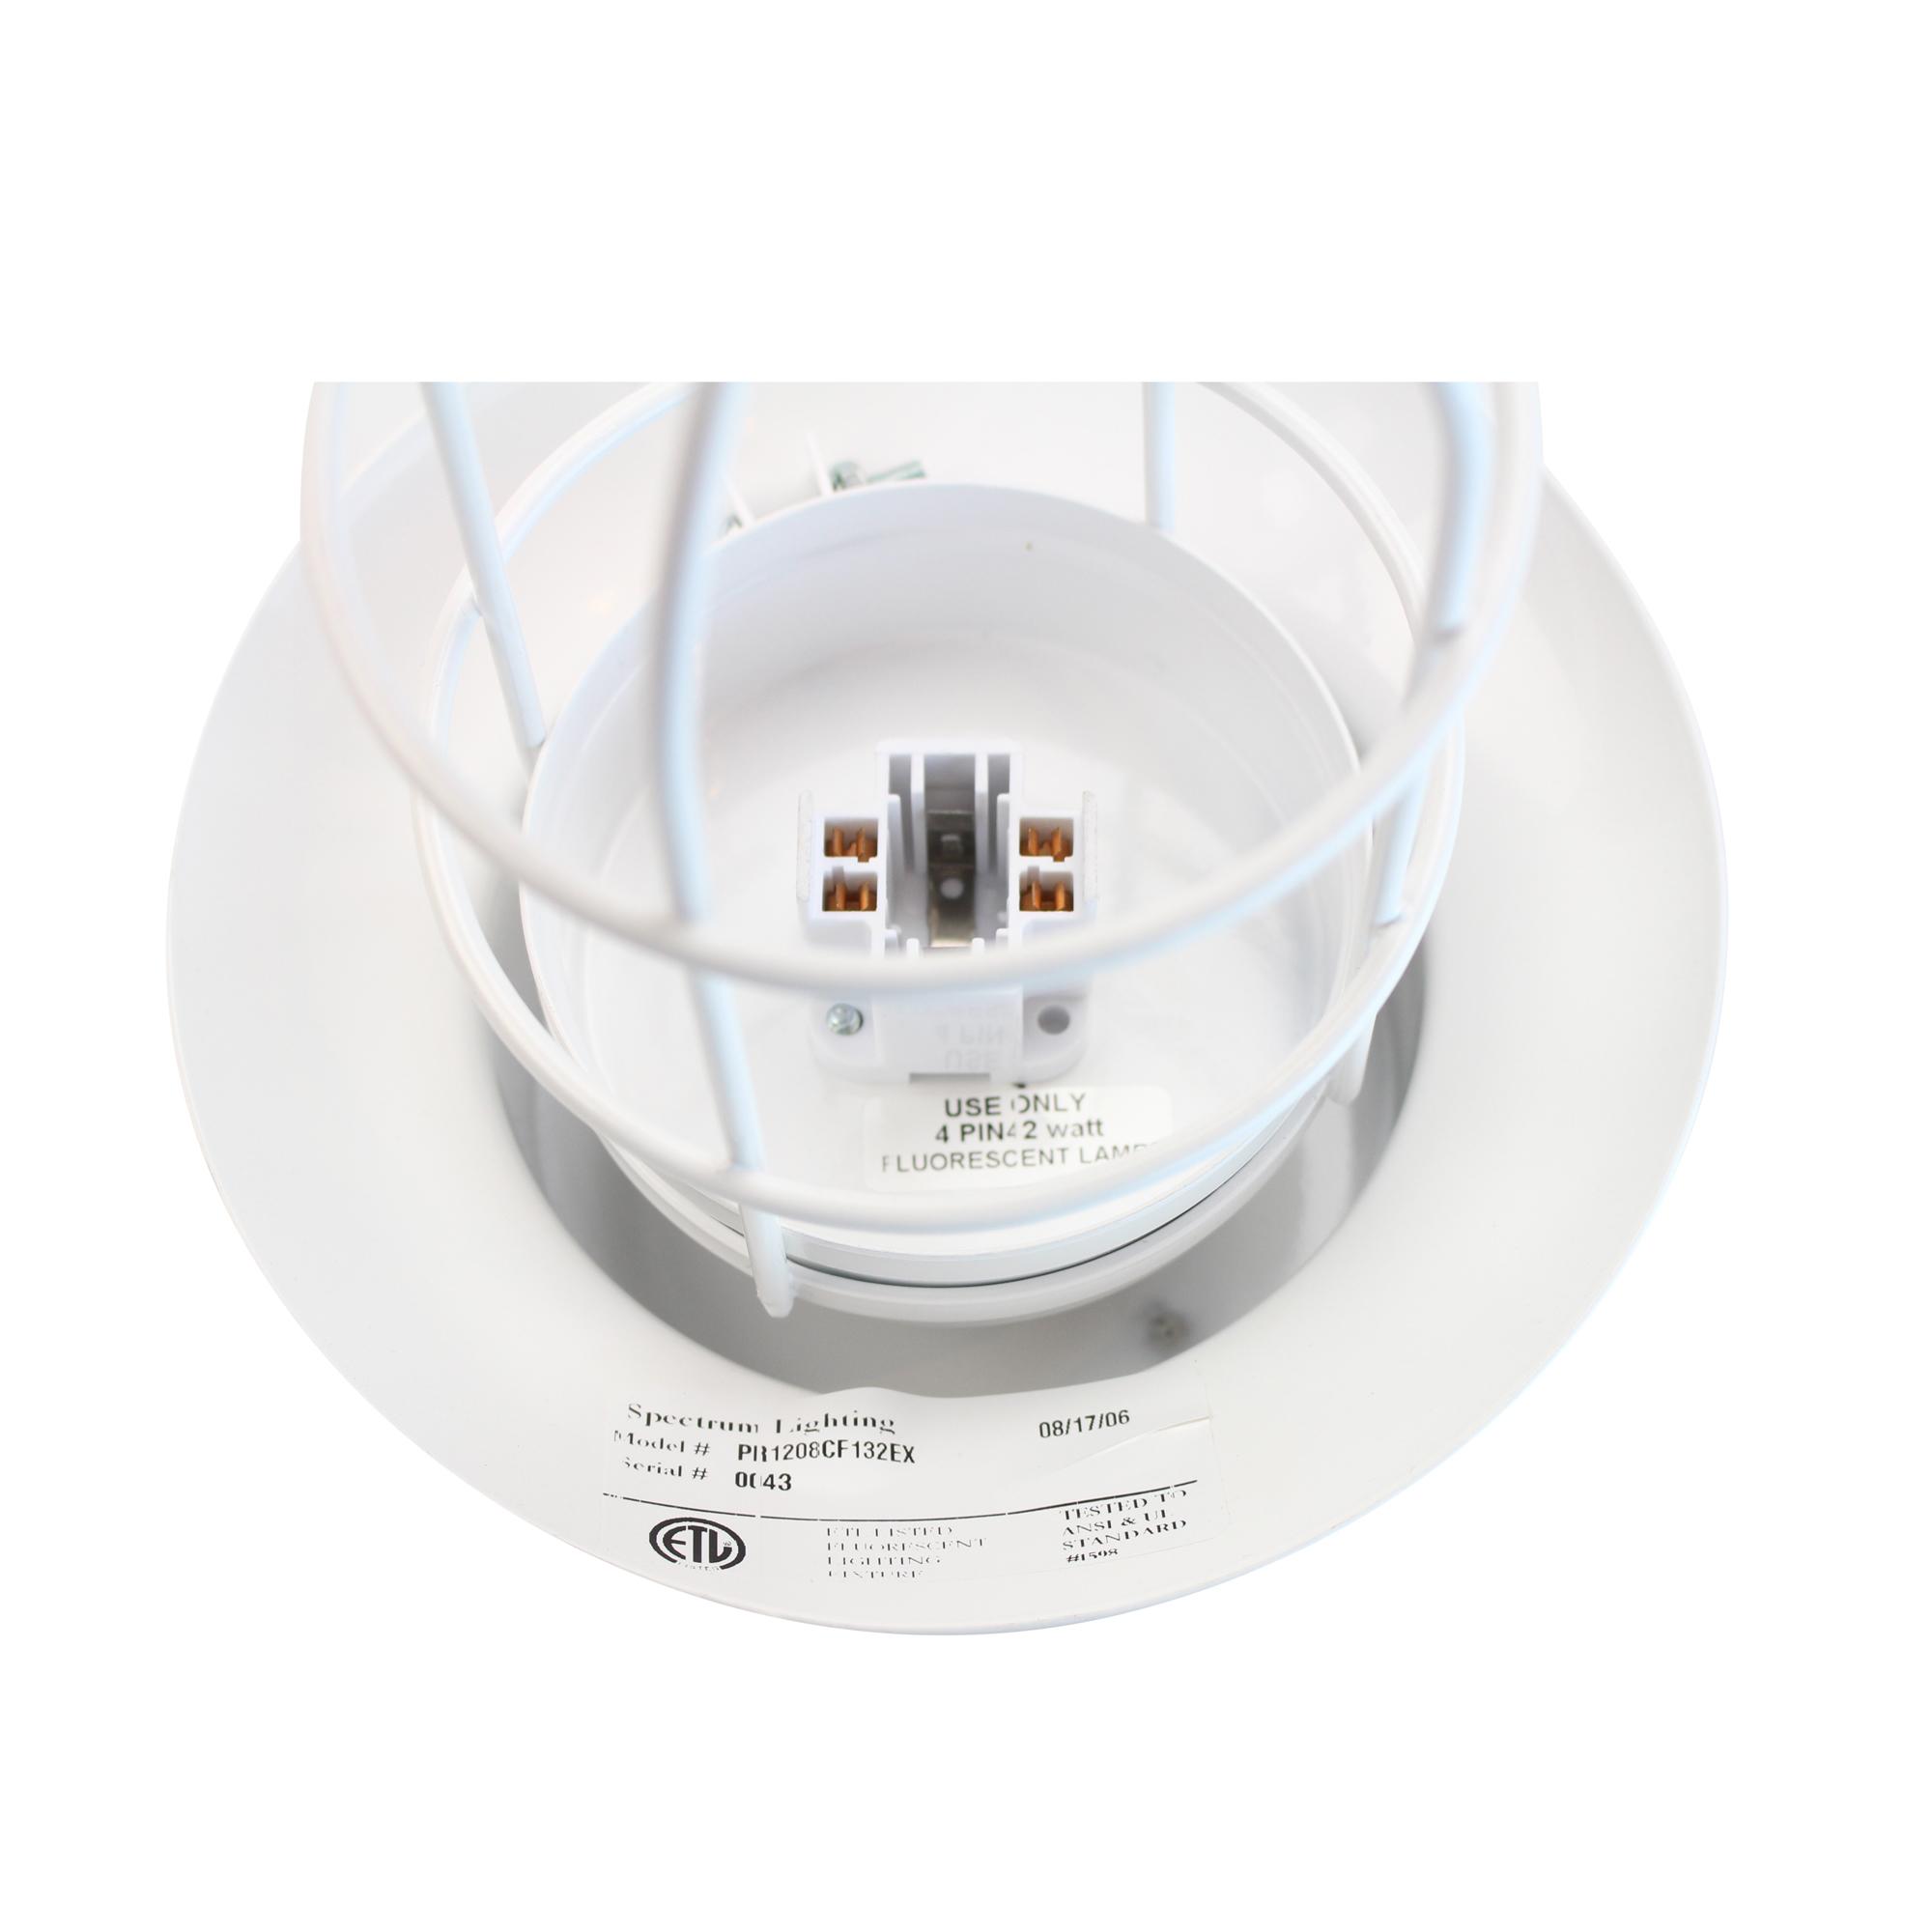 SPECTRUM LIGHTING PR1208 42W FLUORESCENT INDUSTRIAL